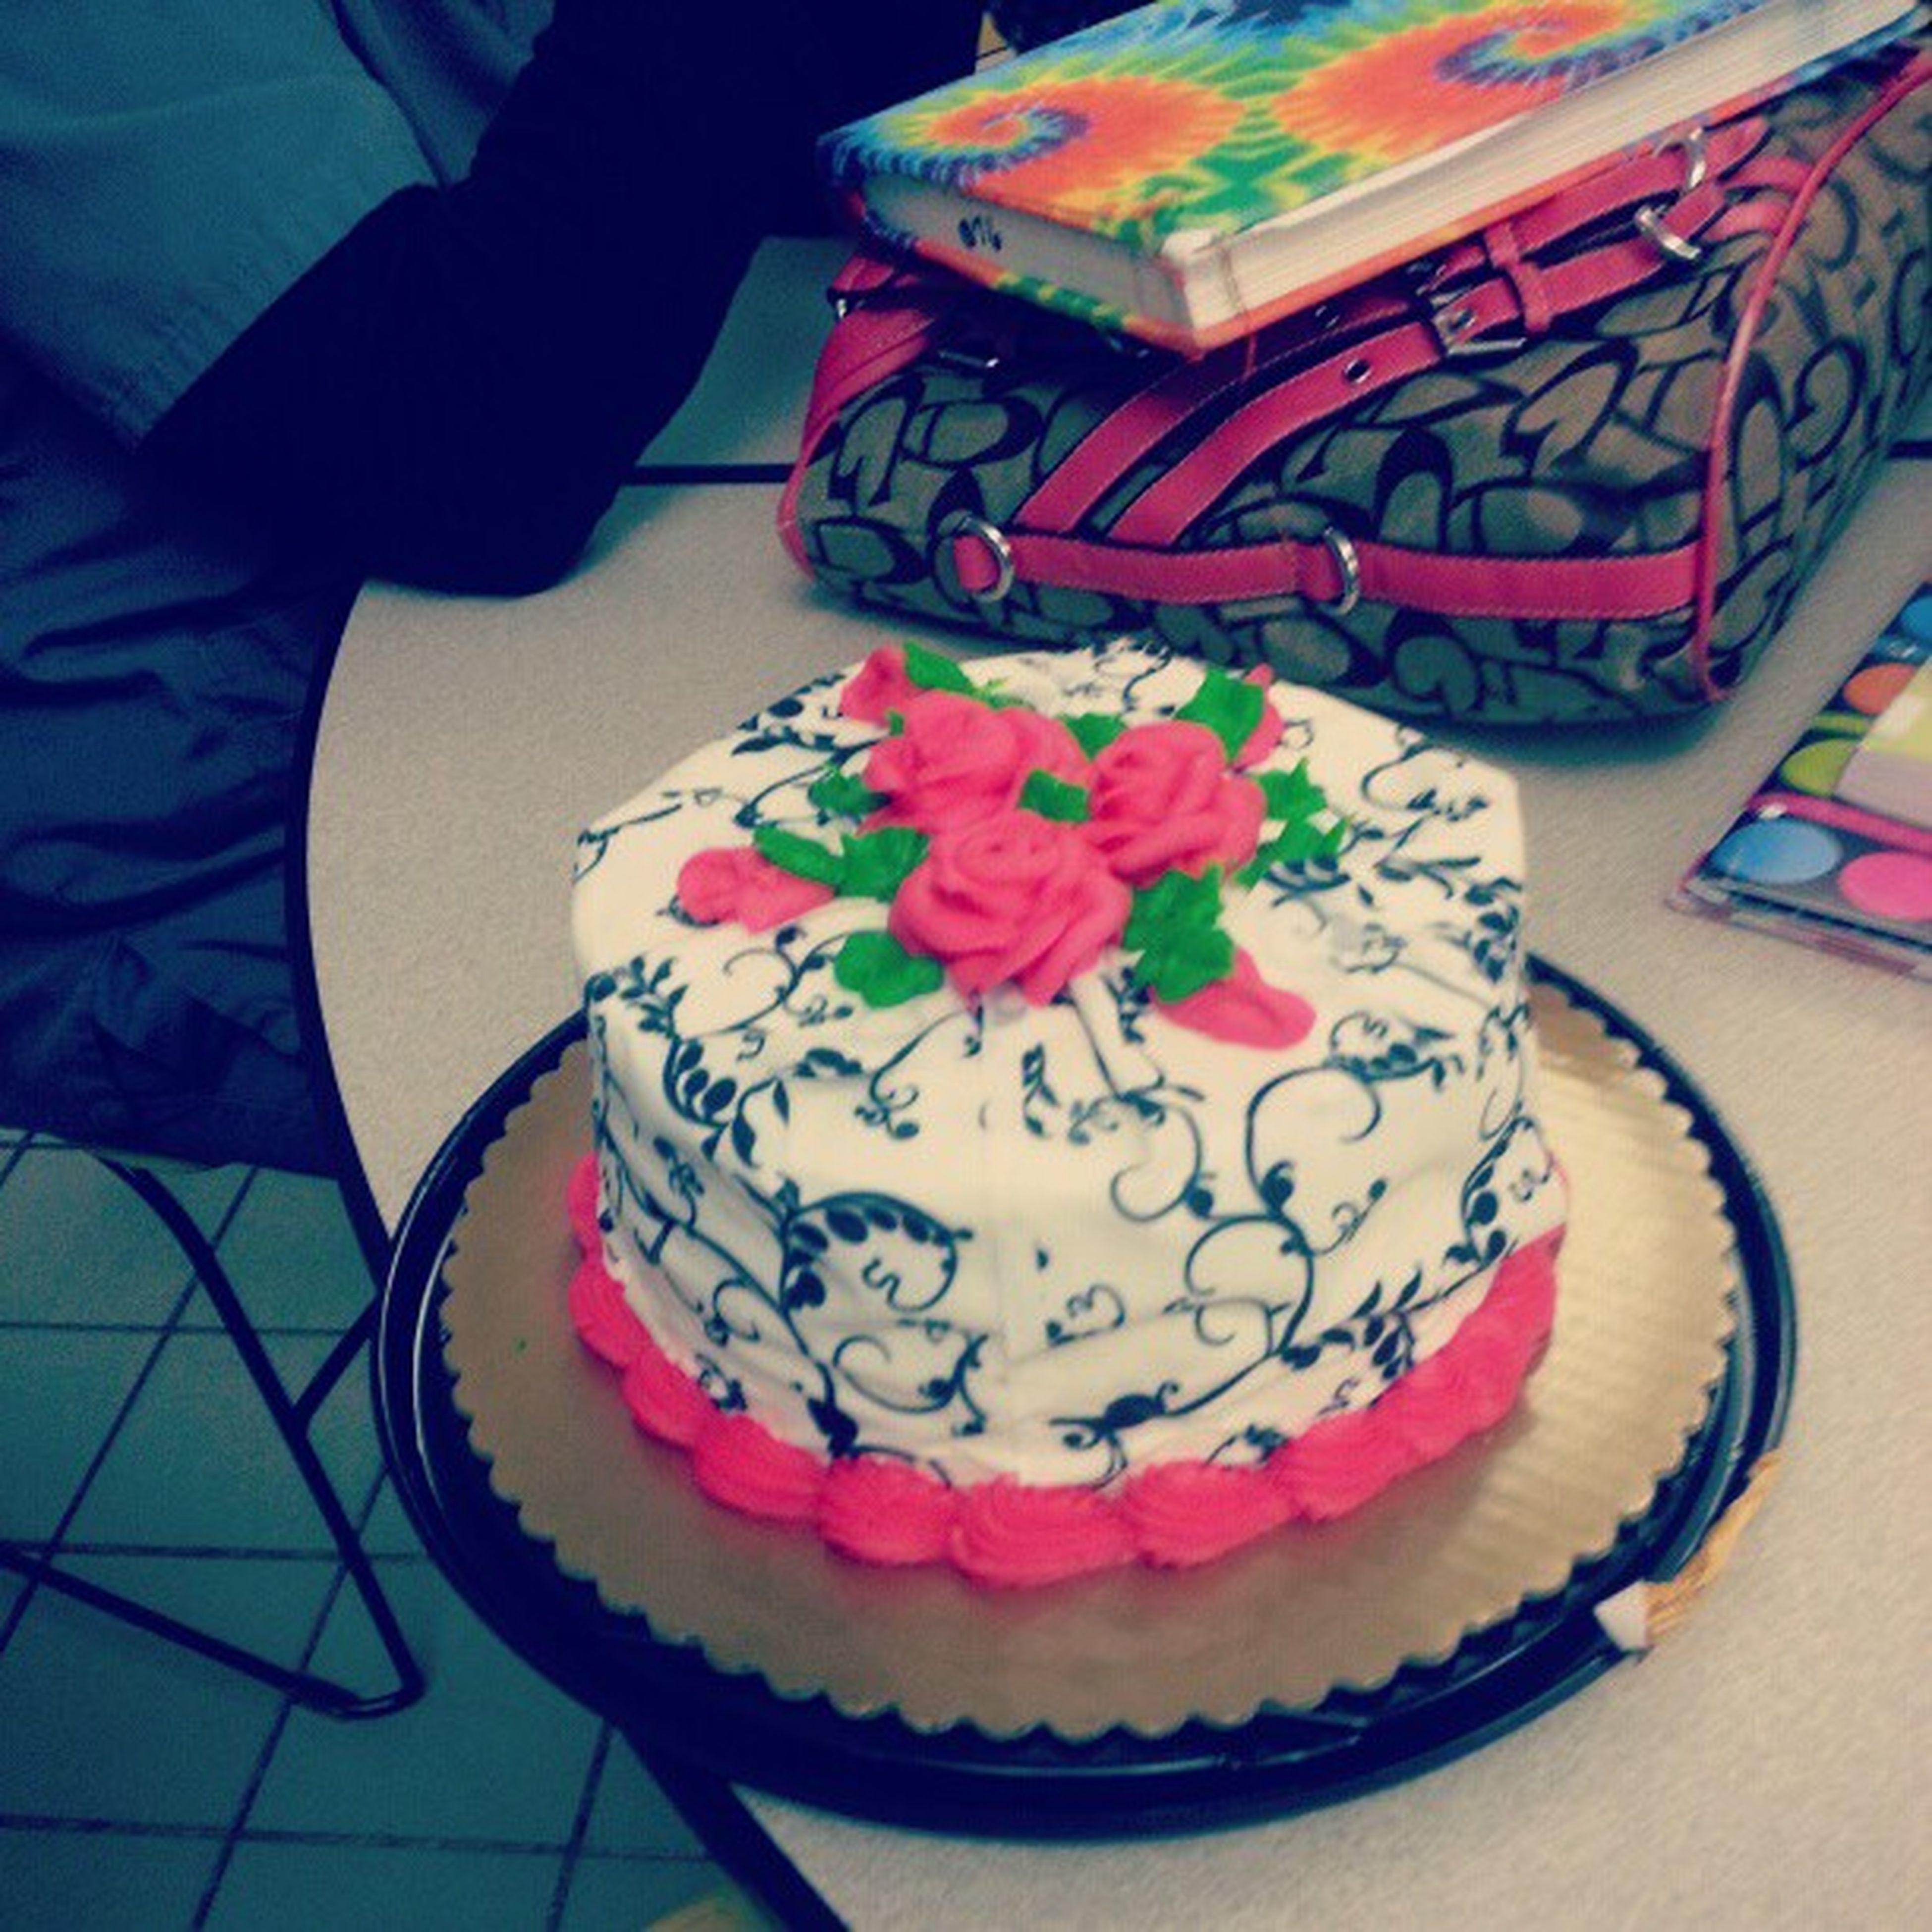 Shainas Cake